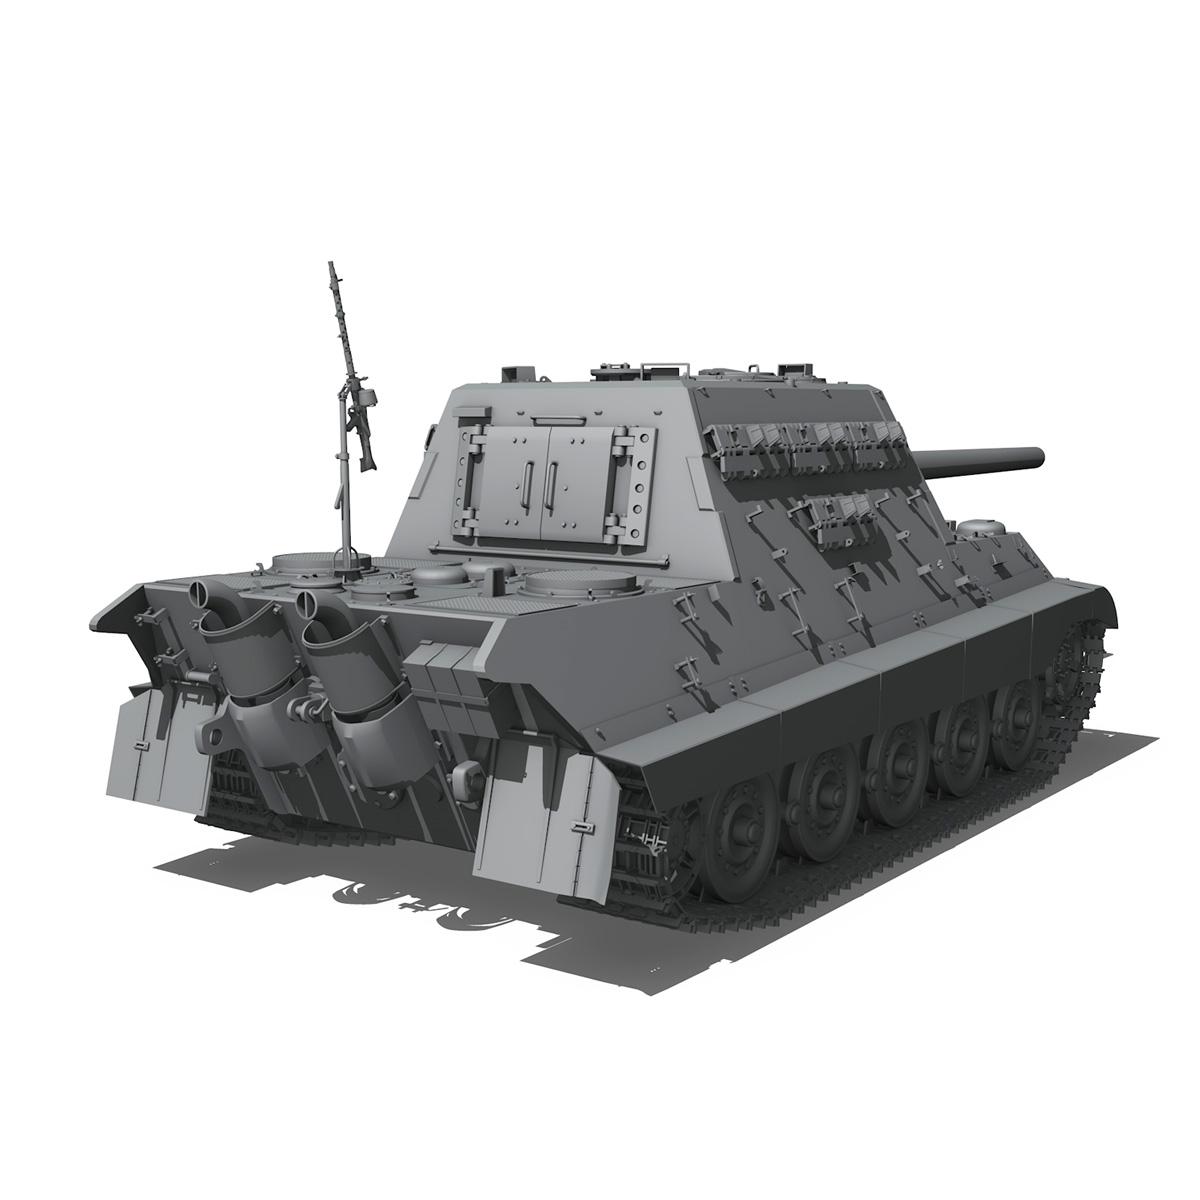 sd.kfz 186 jagdtiger hunting tiger 3d model 3ds fbx c4d lwo obj 189963